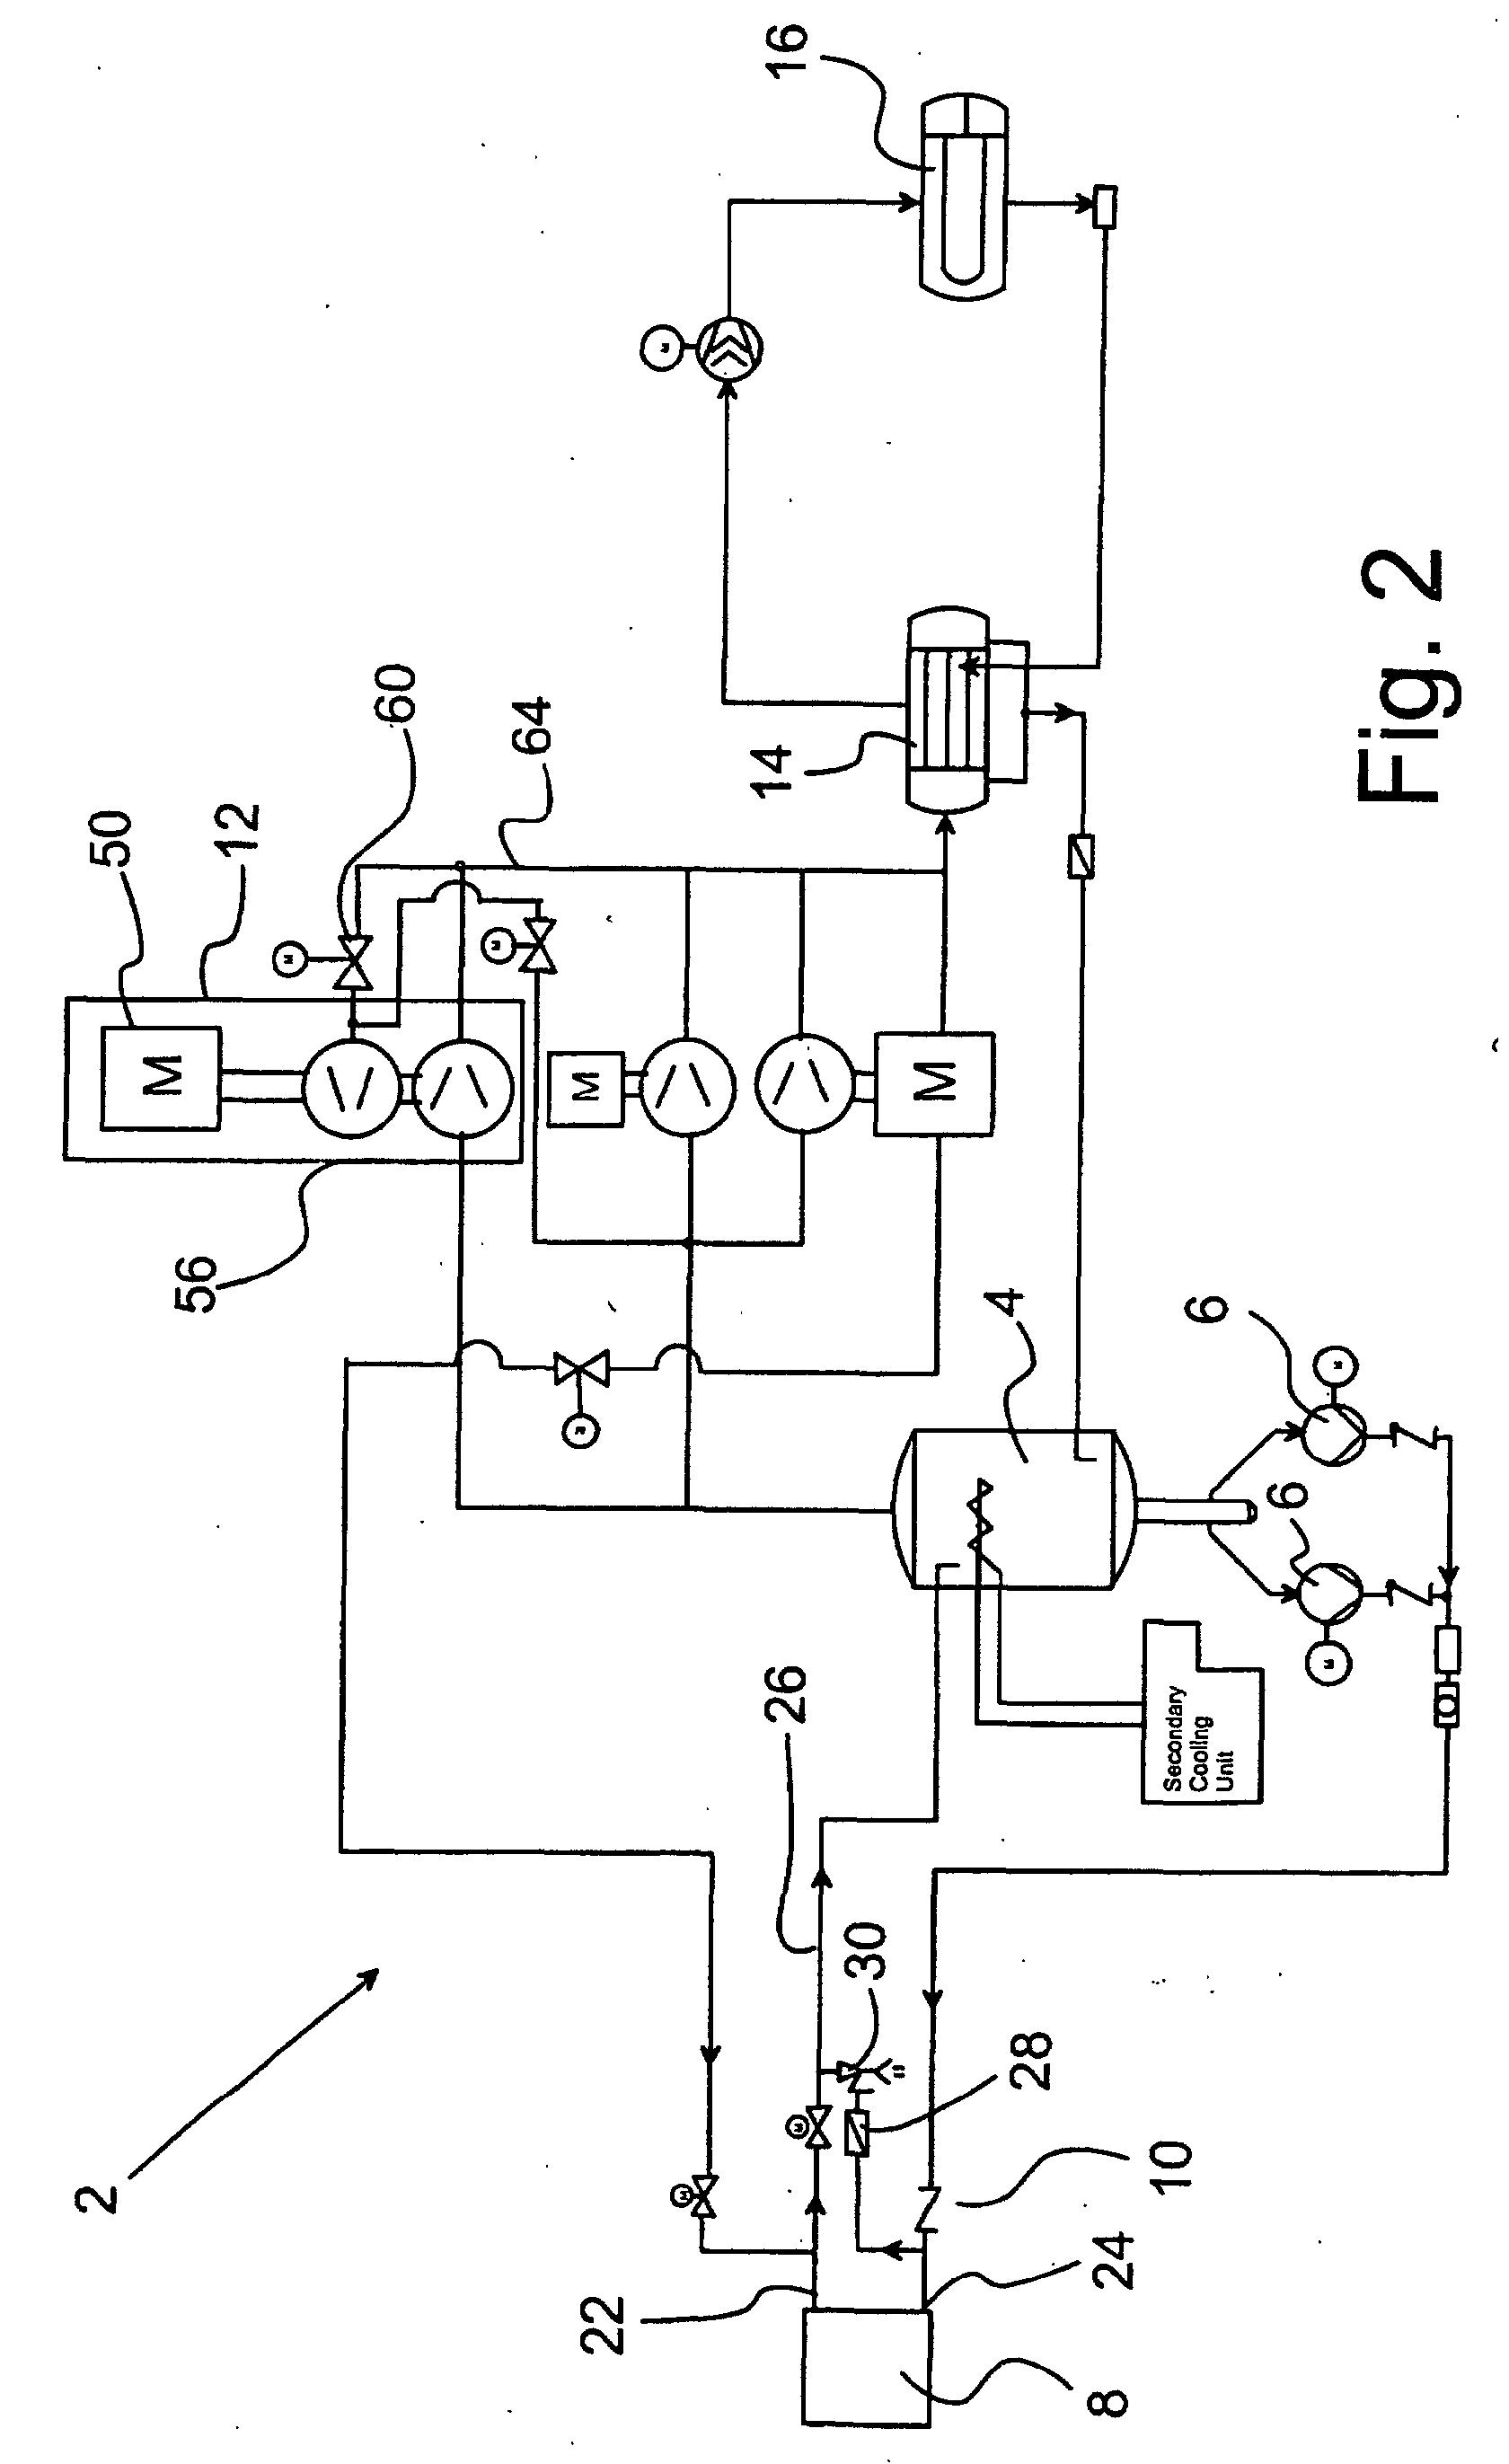 heatcraft walk in freezer wiring diagram Heatcraft Walk In Freezer Wiring Diagram gallery heatcraft refrigeration wiring